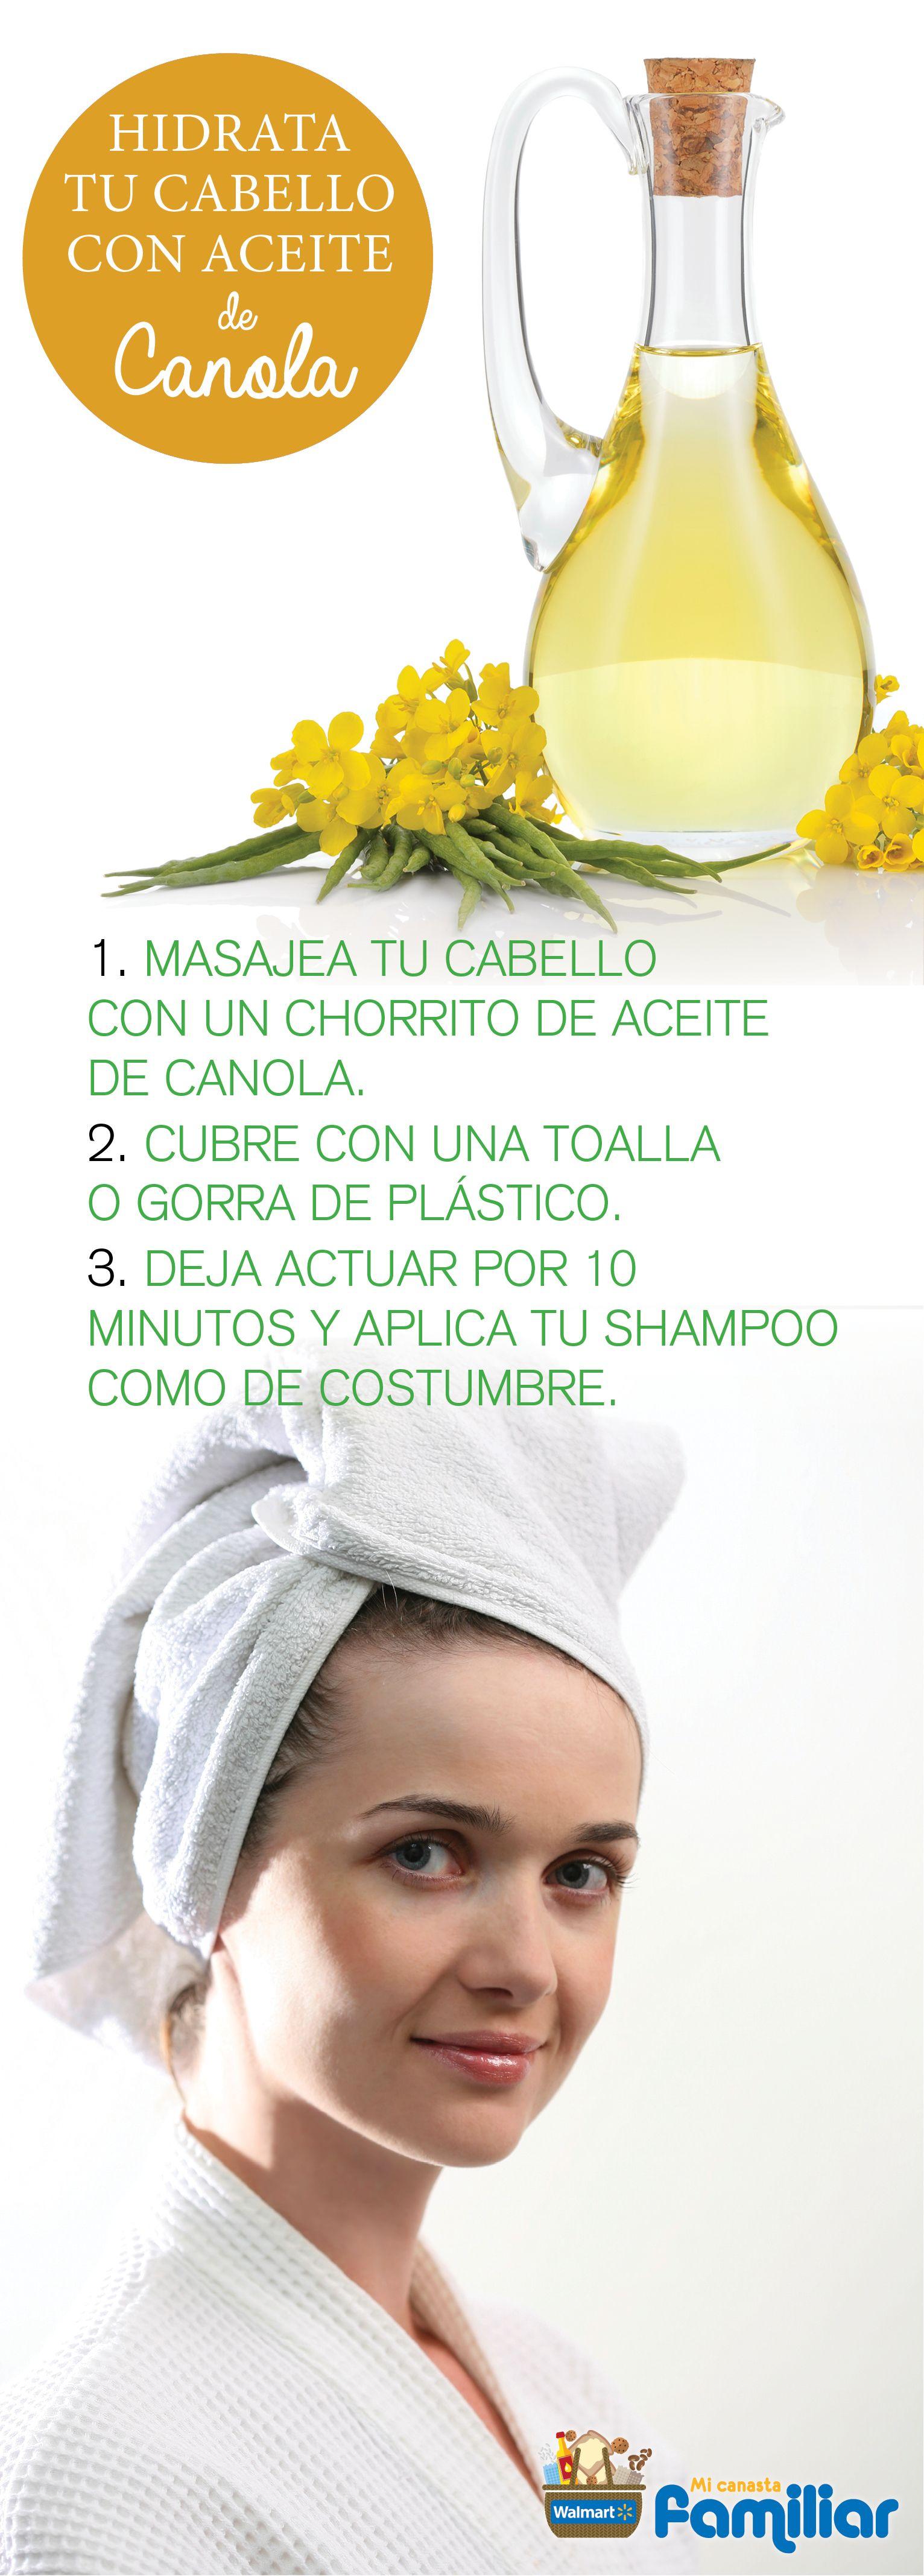 Tipdebelleza Aceite De Canola Para Hidratar El Cabello Tips